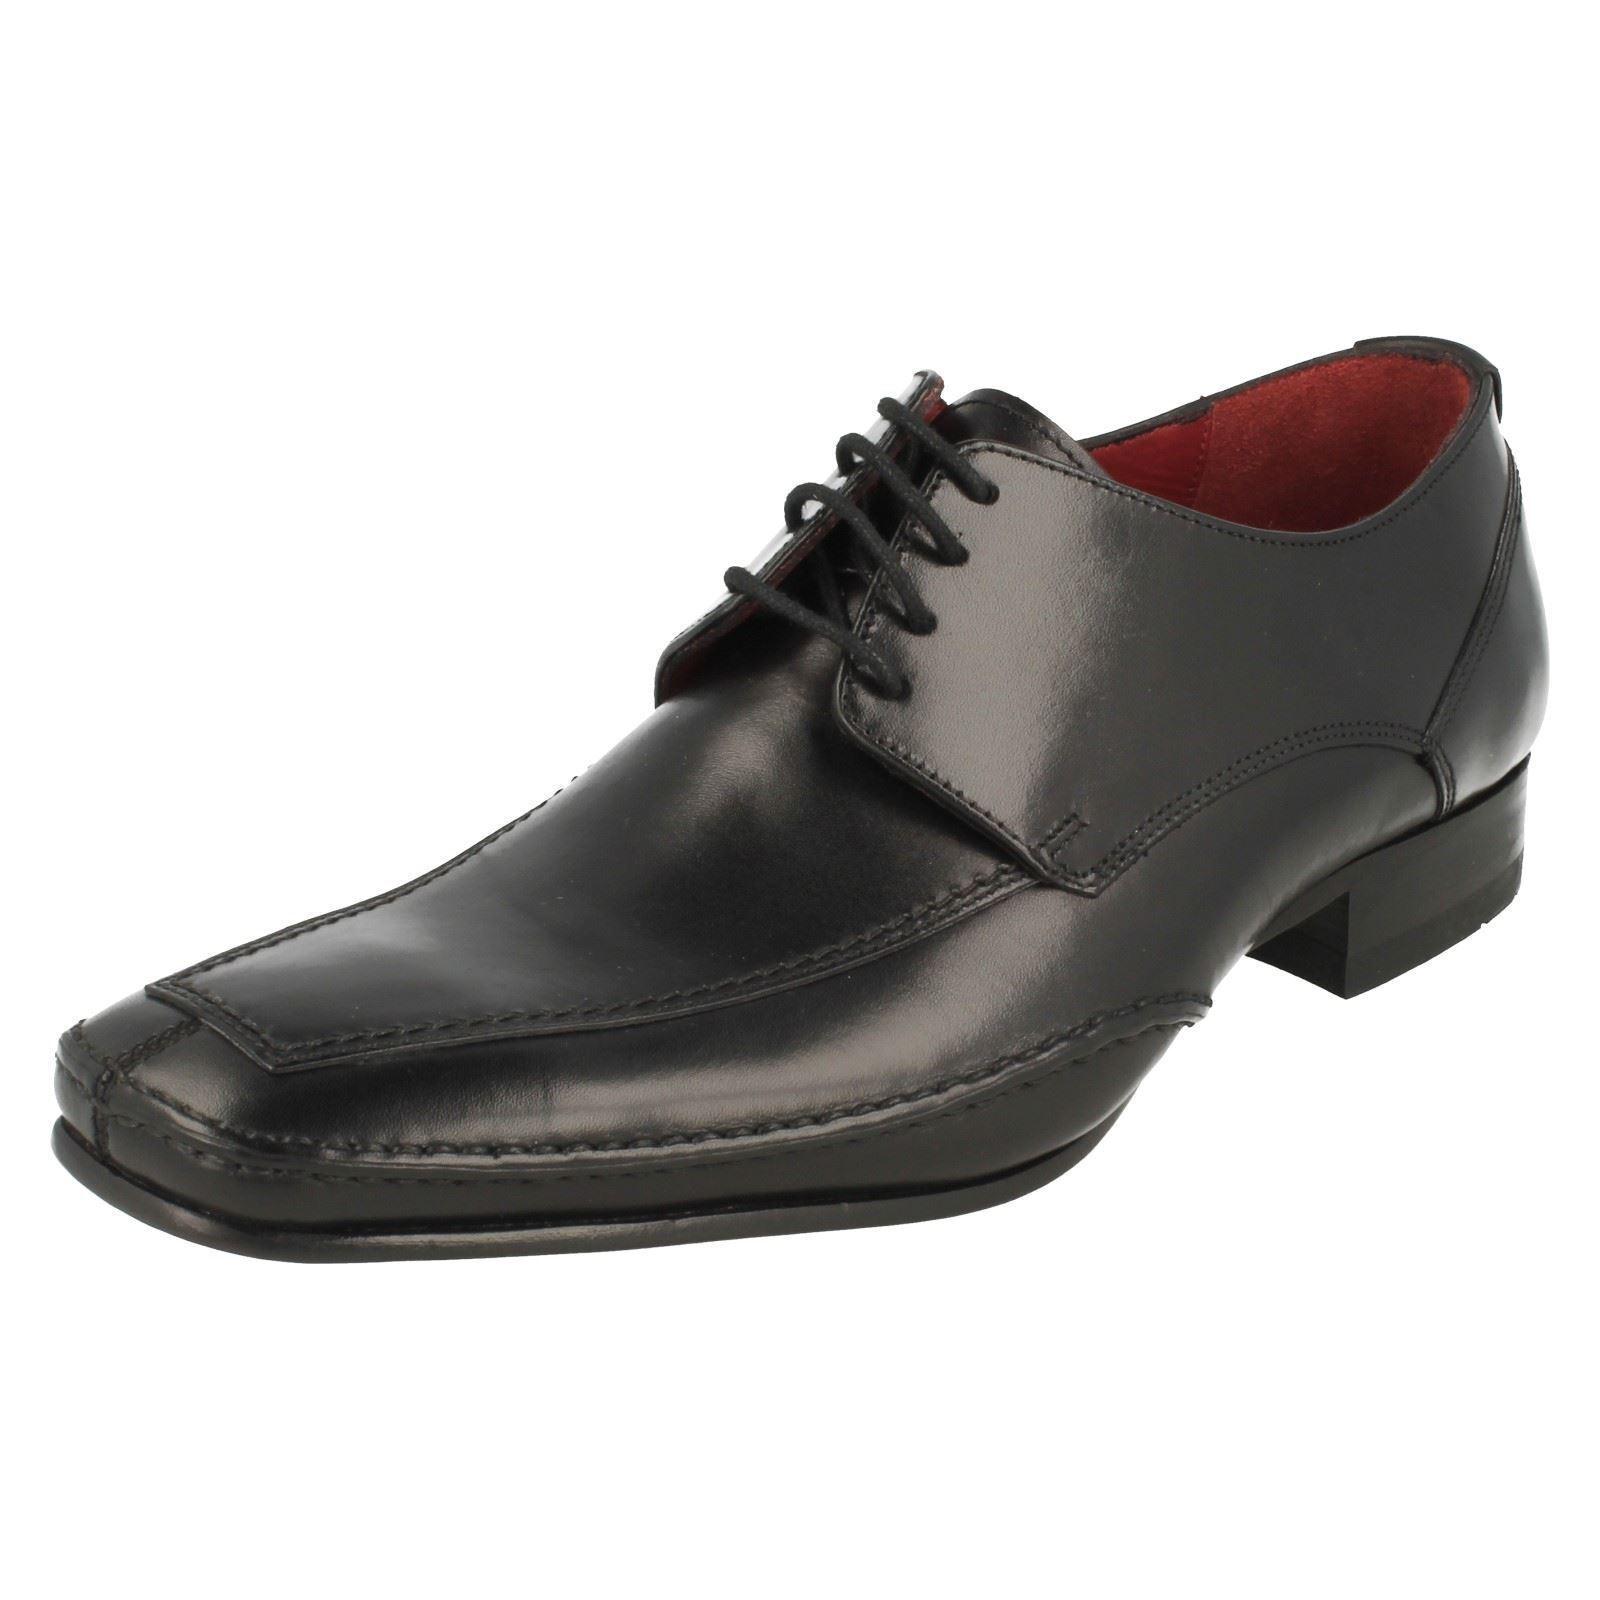 Loake Hurst Caballeros Smart pies cuadrados de Cuero Negro De Encaje Zapatos